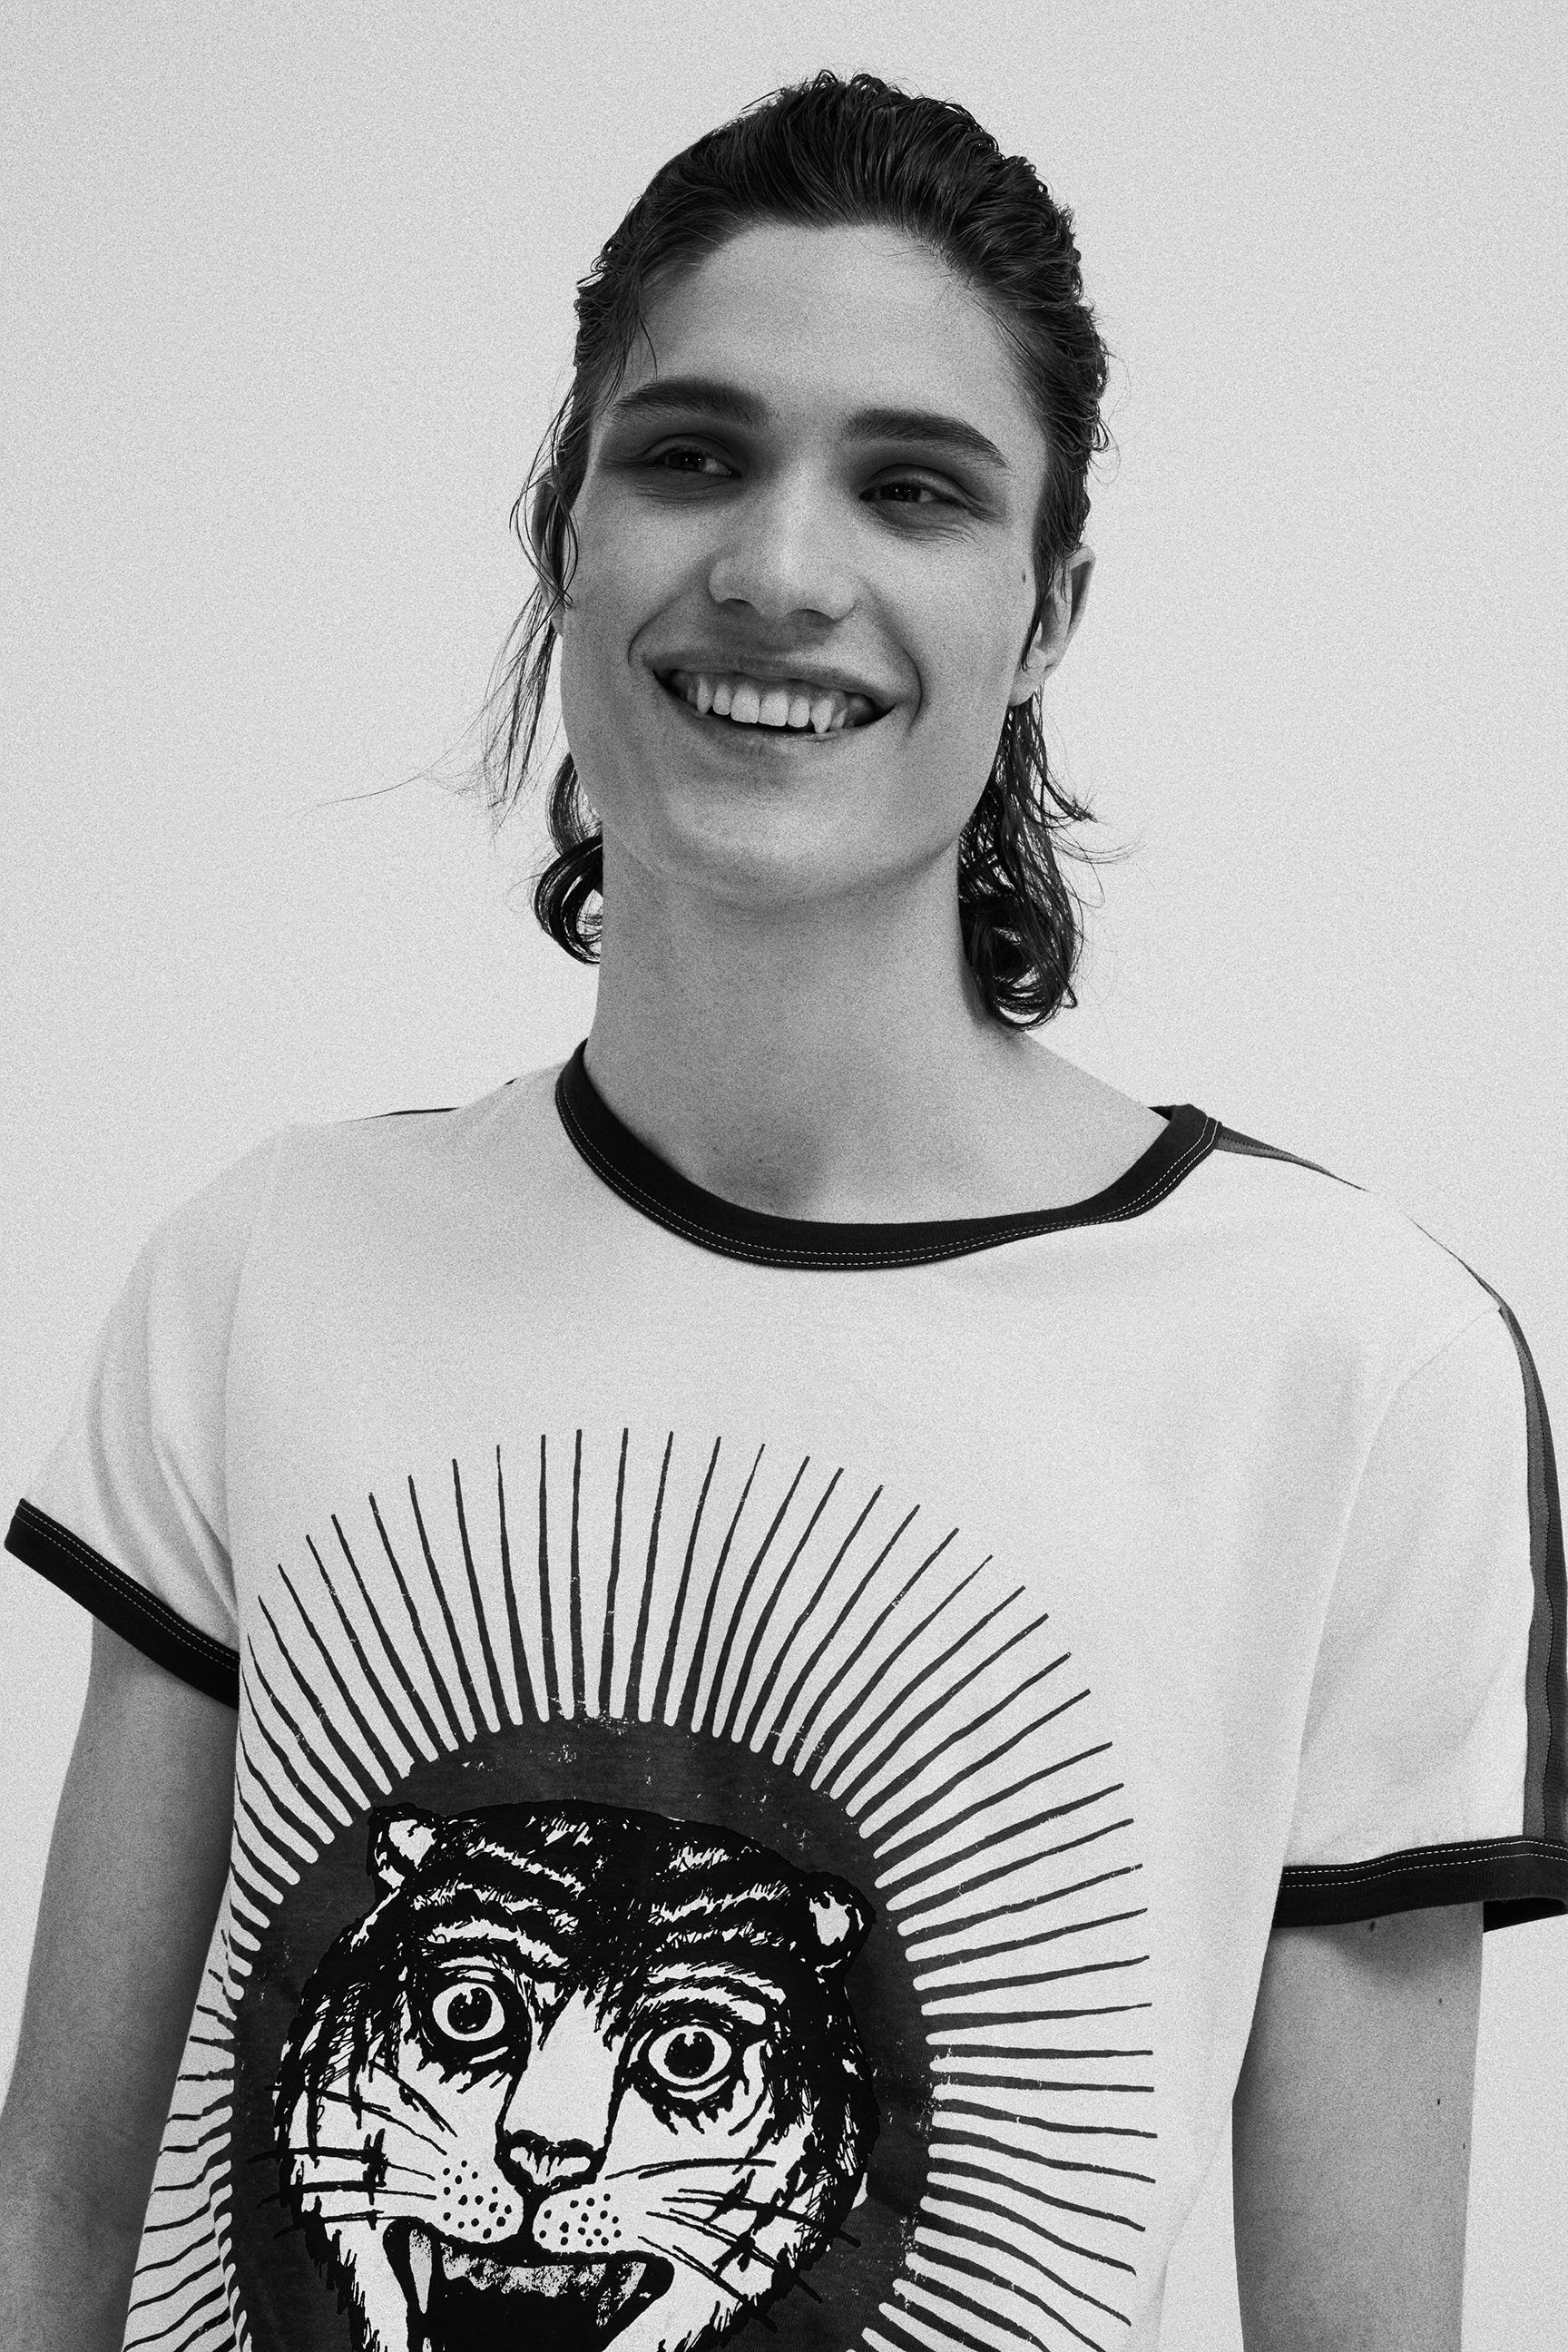 gucci-boy-model-leam-roma-editoriale